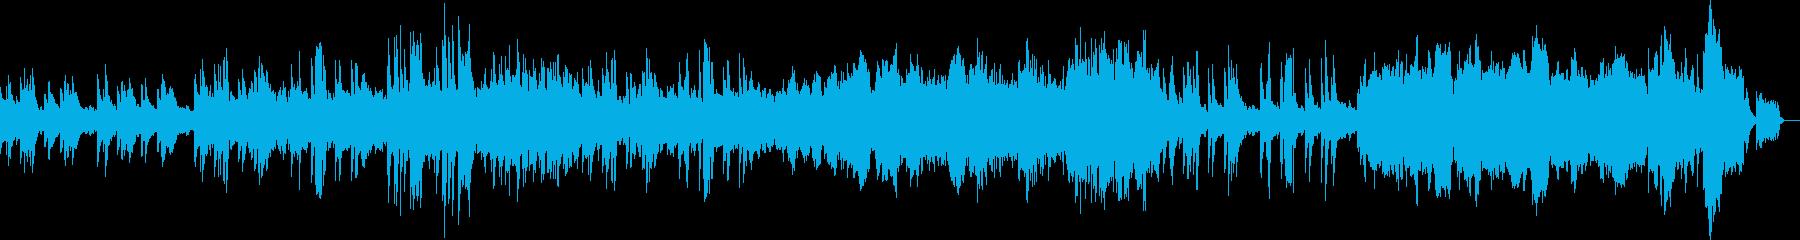 深い叙情を湛えた美しいスローワルツの再生済みの波形